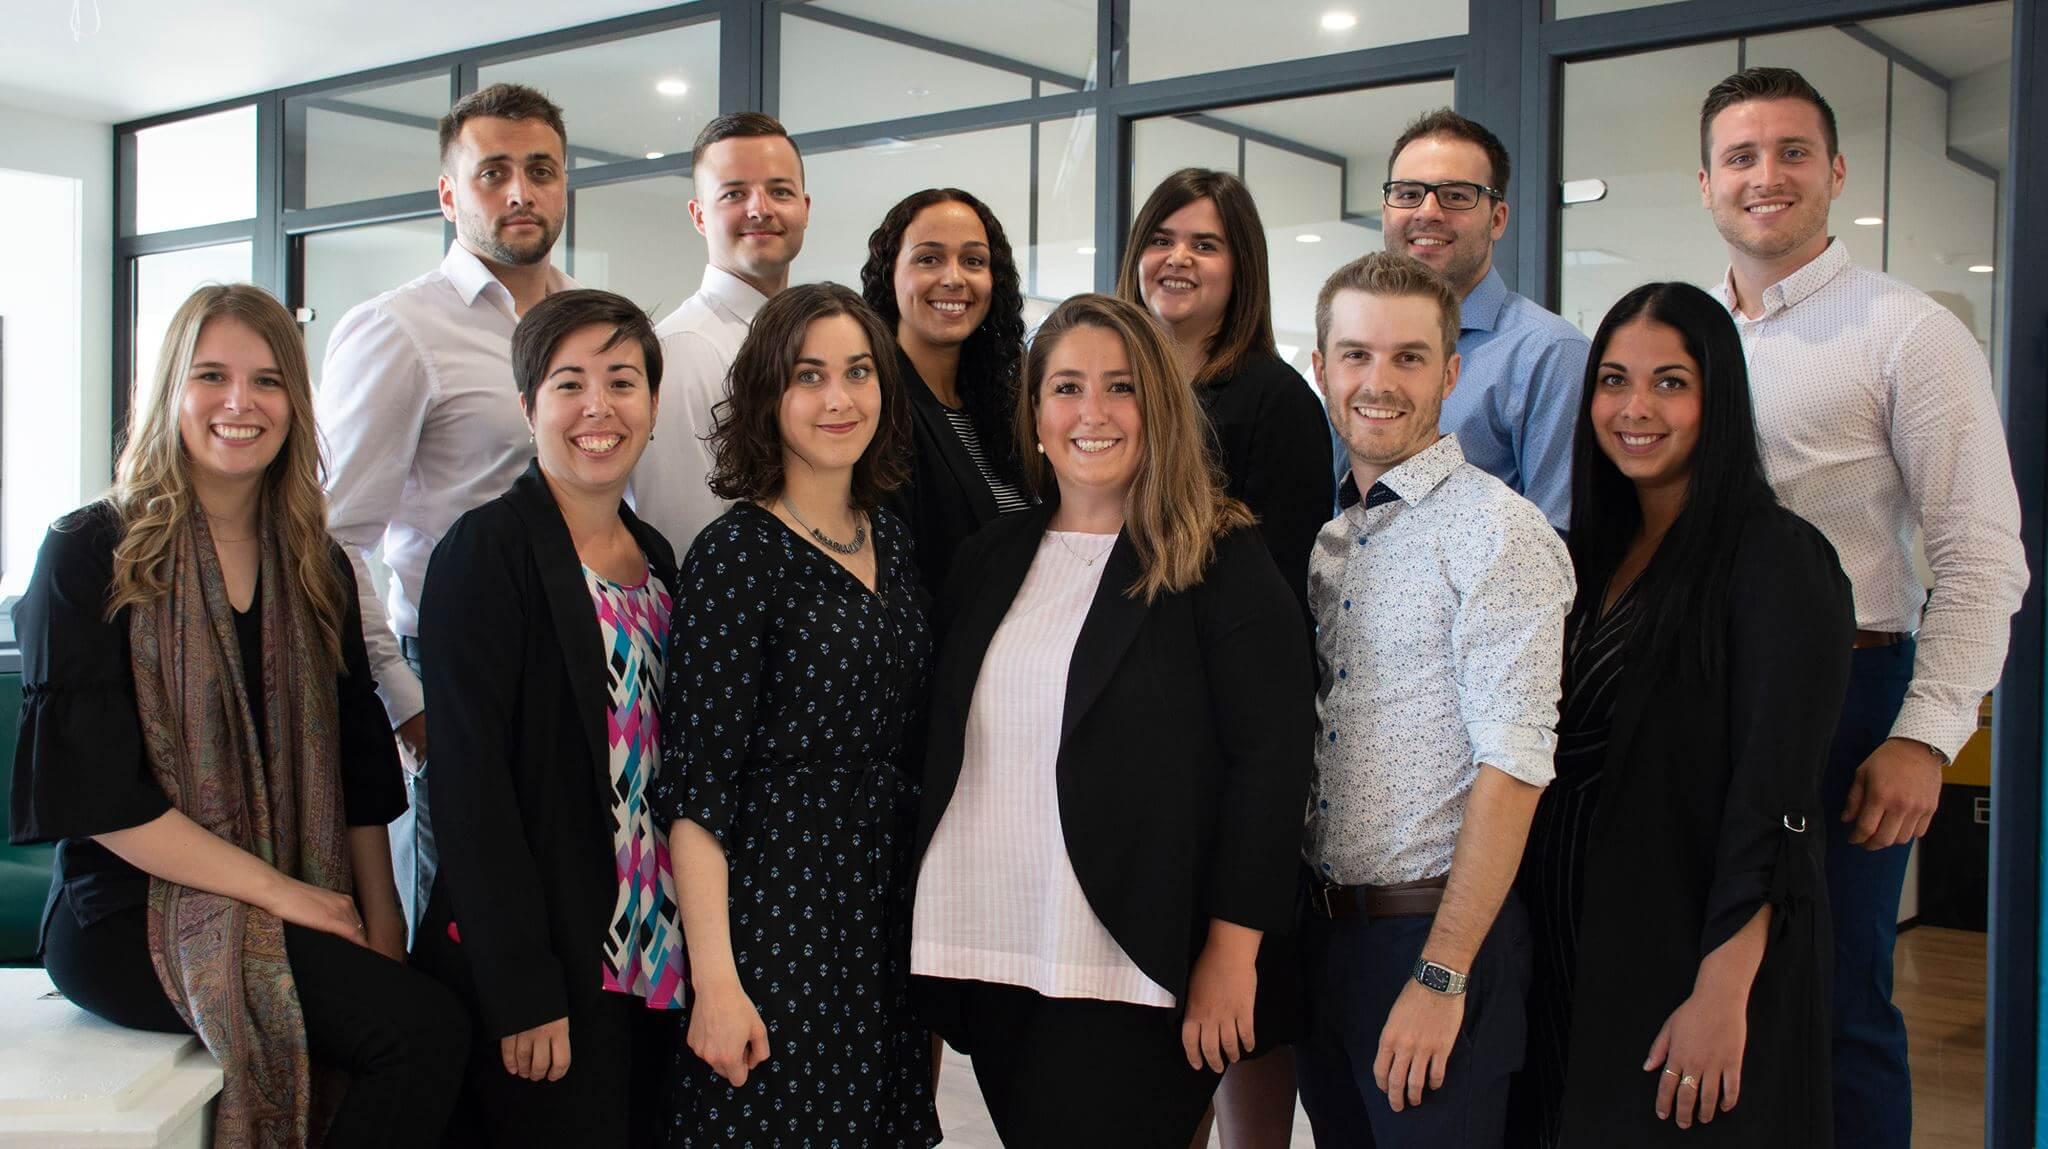 Le conseil d'administration 2019 de la Jeune Chambre de Rimouski.